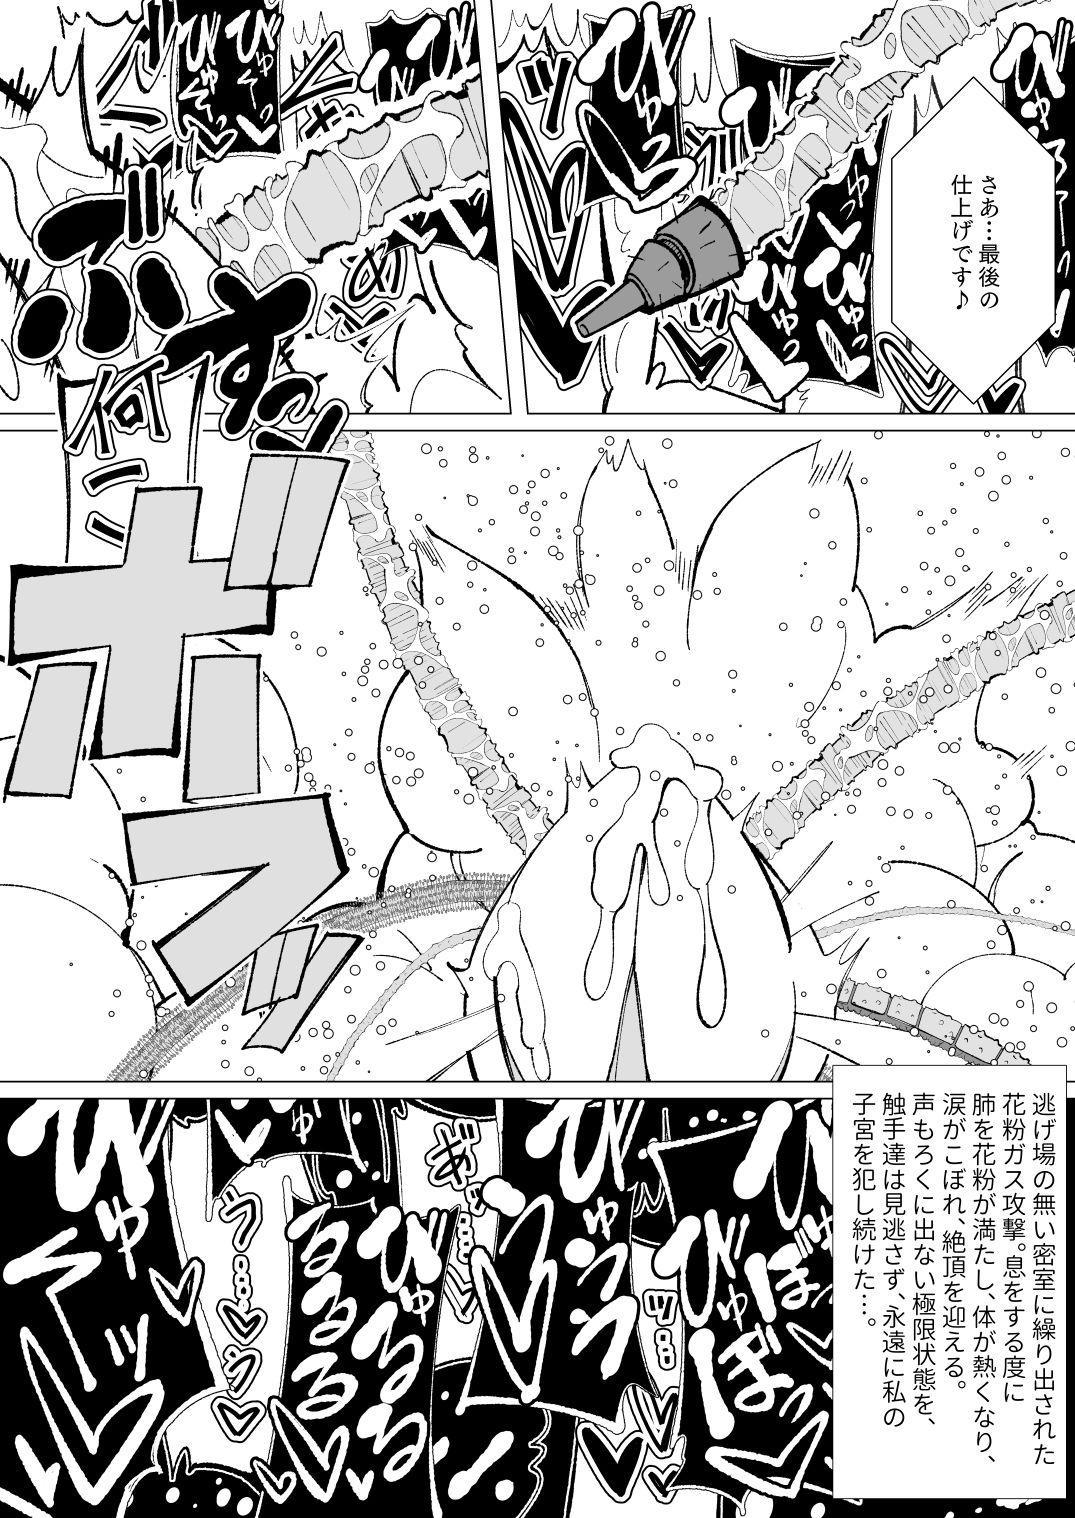 Ishu kan fūzoku-gai3 shokubutsu shokushu × rori 58